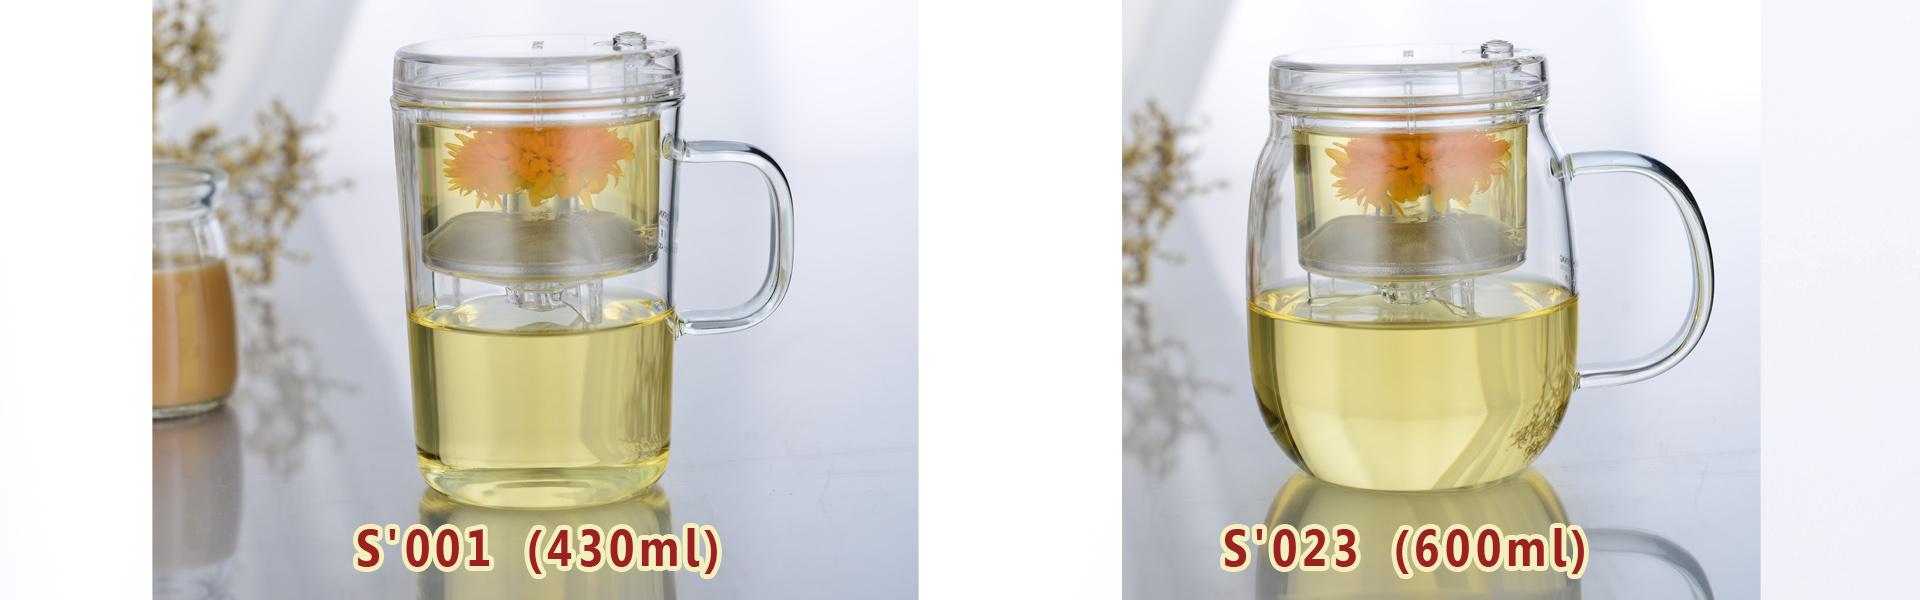 """Pour choisir le mug souhaité parmi les modèles disponibles, utilisez le sélecteur """"Modèle"""" en haut de page."""